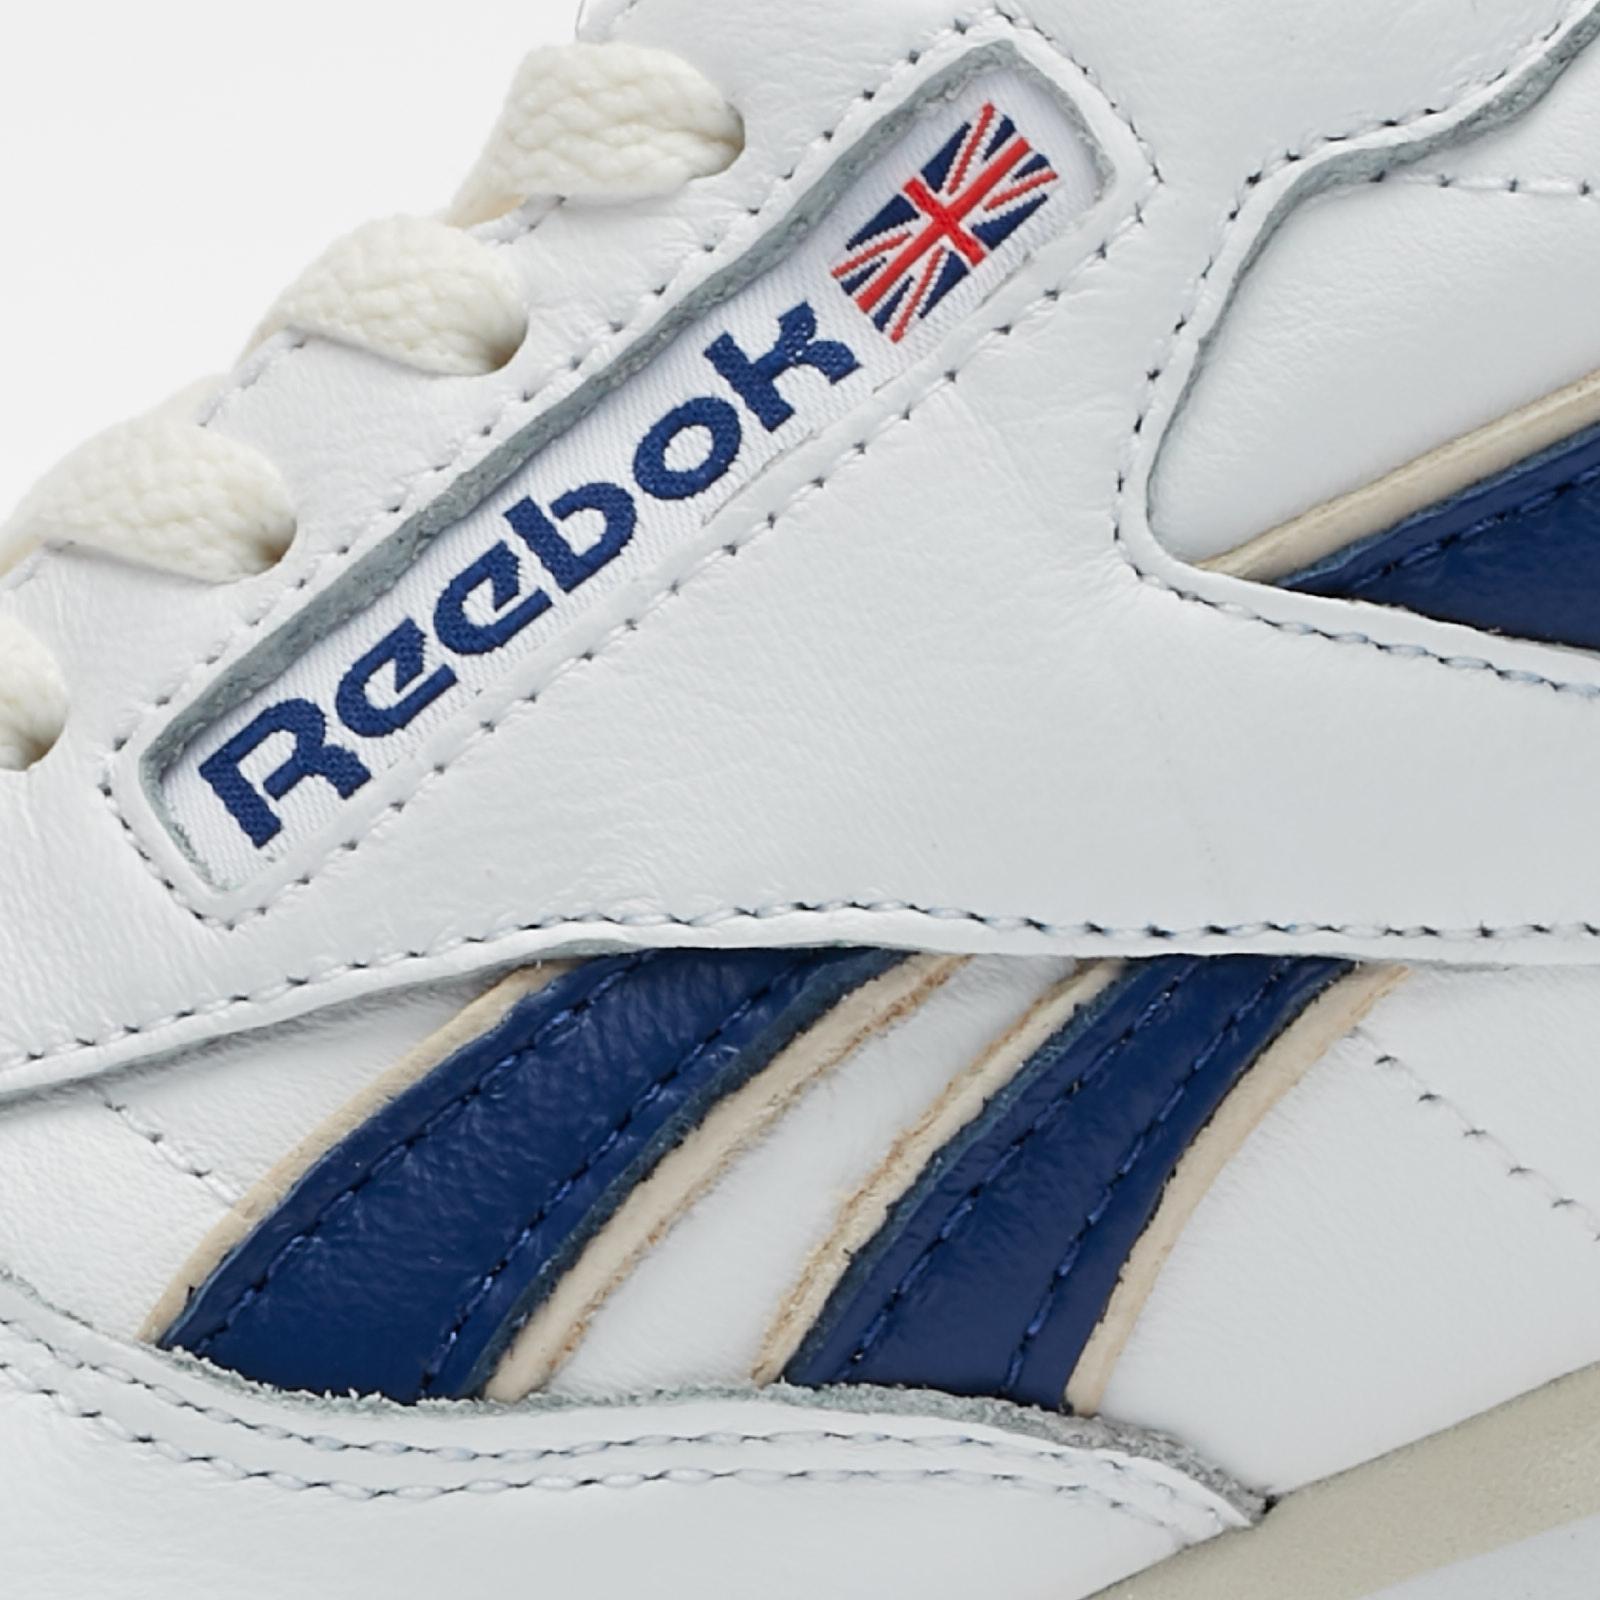 1c55da0e85240c Reebok Classic Leather MU x Foot Patrol x HAL - Cn6162 ...